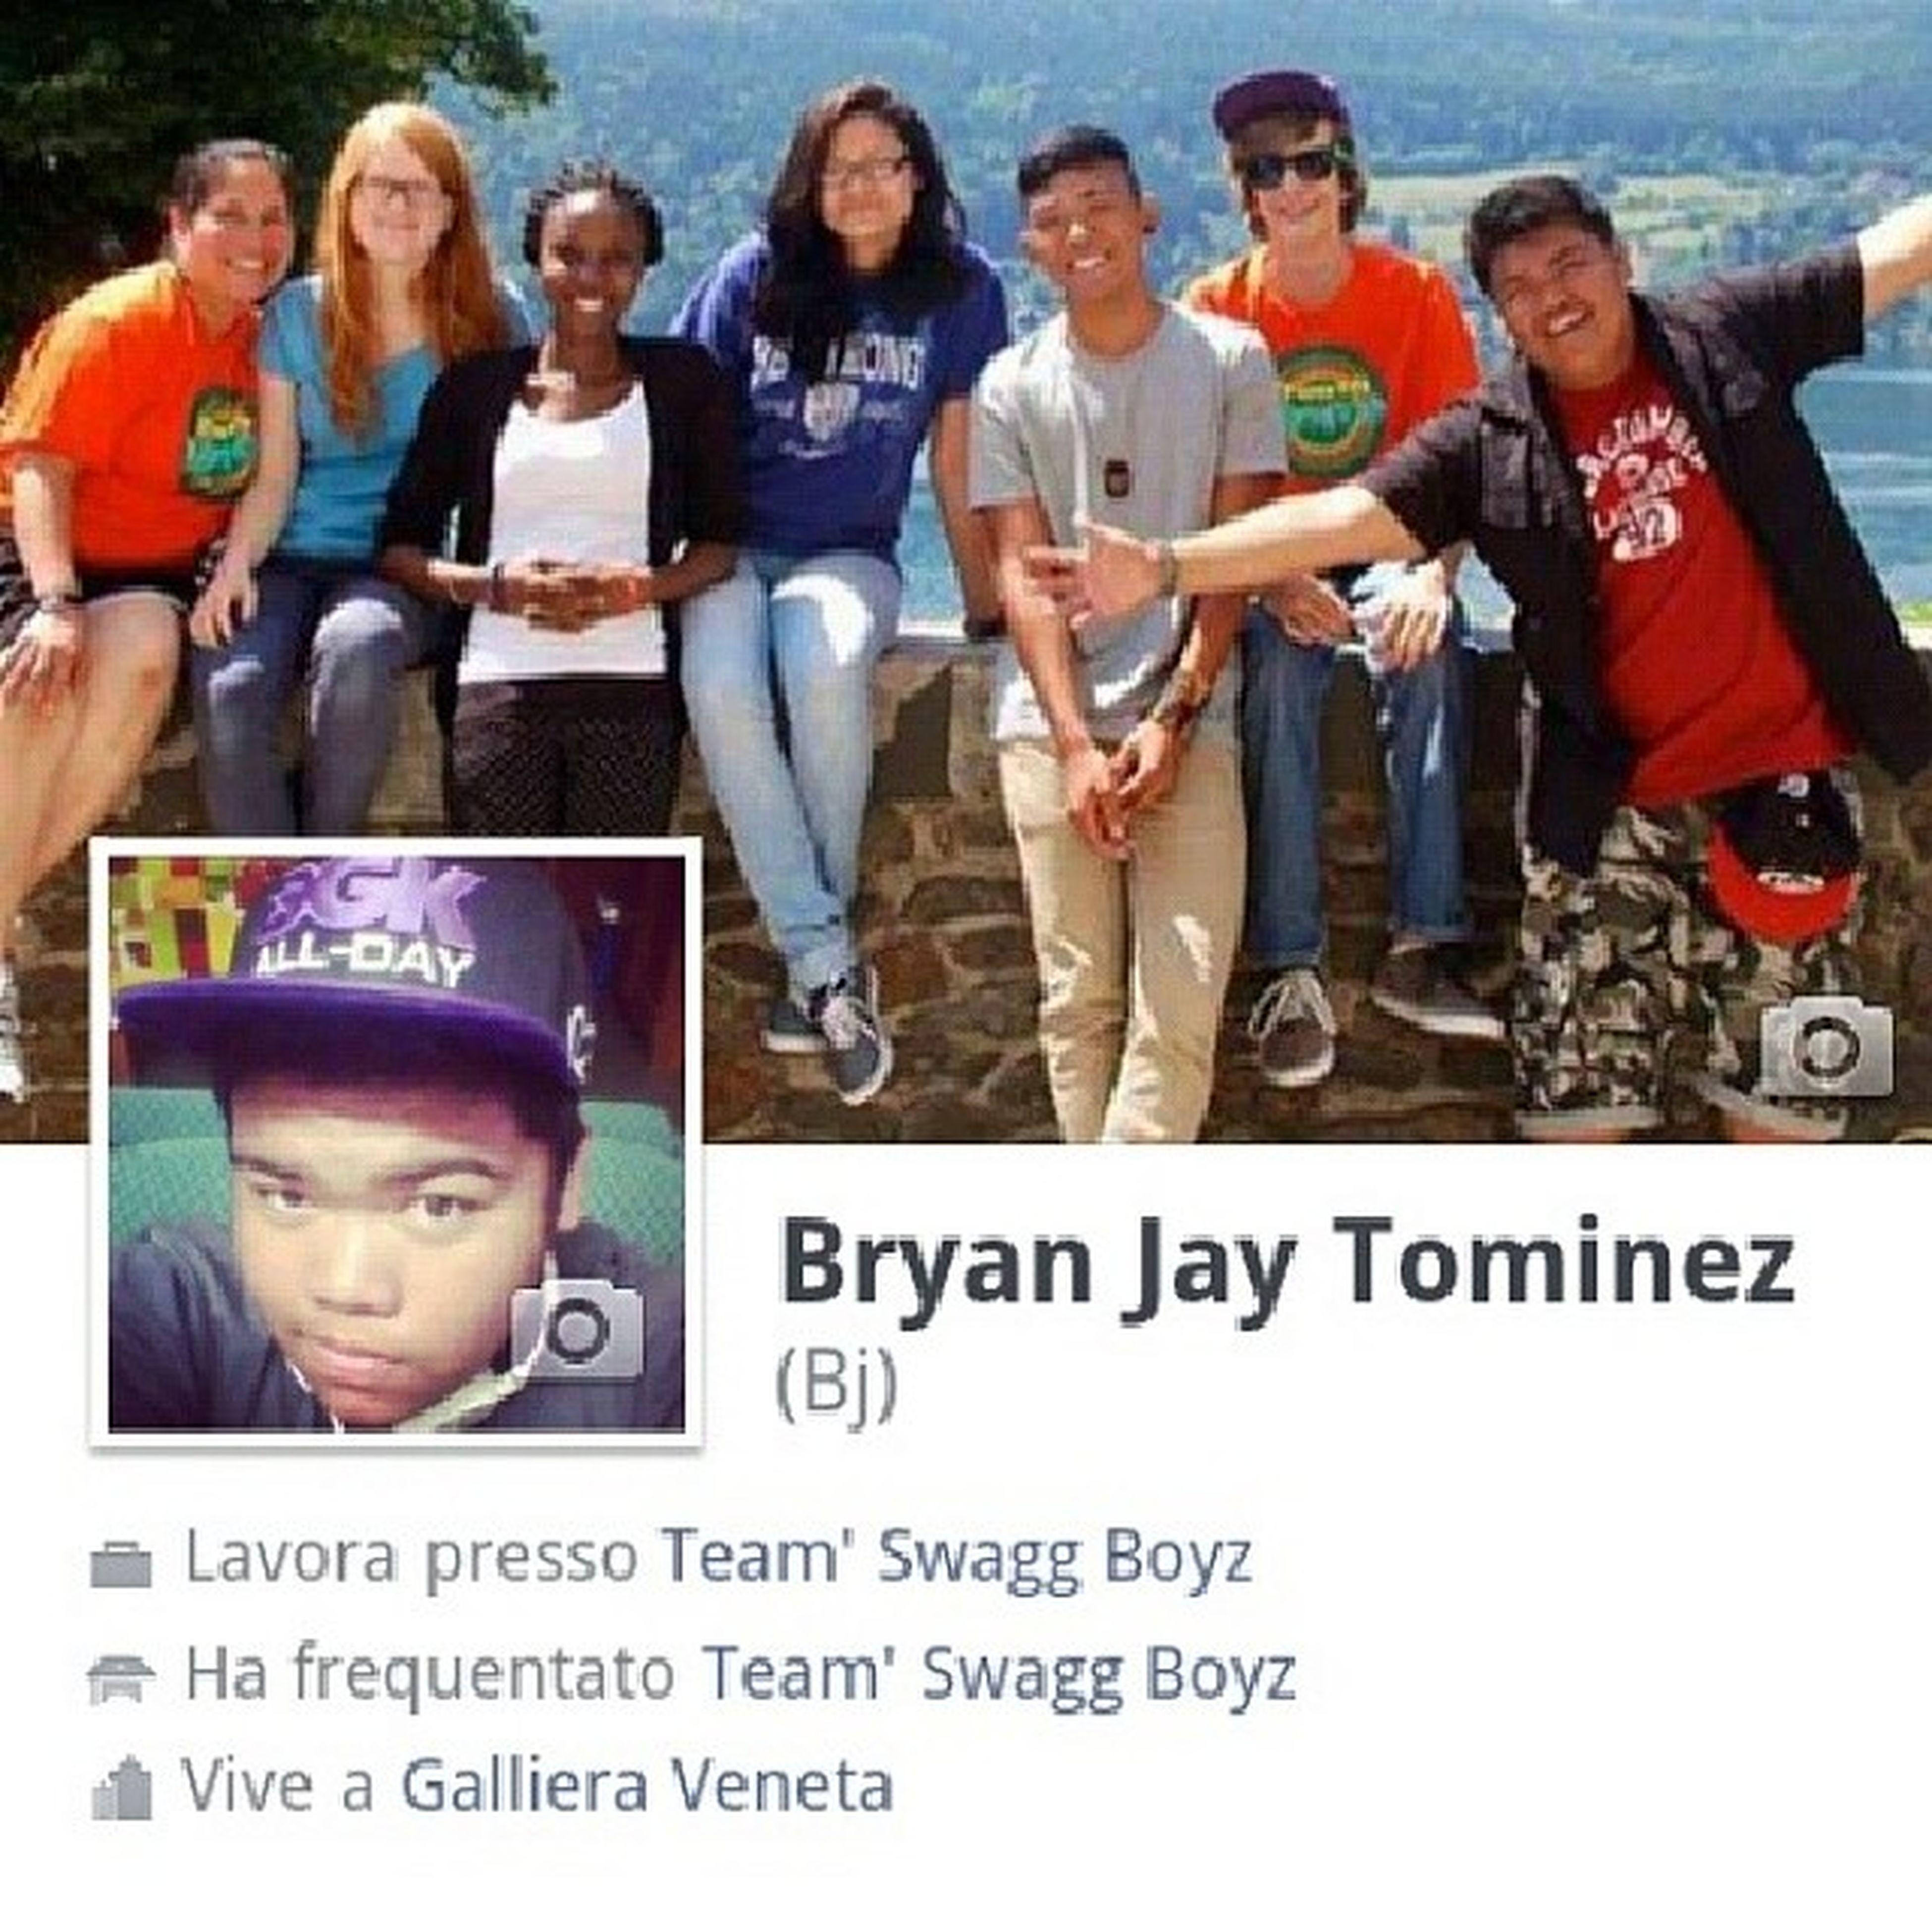 Add me on facebook: Bryan jay Tominez Instapic Instaphoto Instaacount Instafacebook facebookaddmefollowmeinstalikesinstaguyinstaboyinstapinoyasianasianguyasianboyinstapinoyfilipinolikeforlikestagforlikesfollowmecoolpic